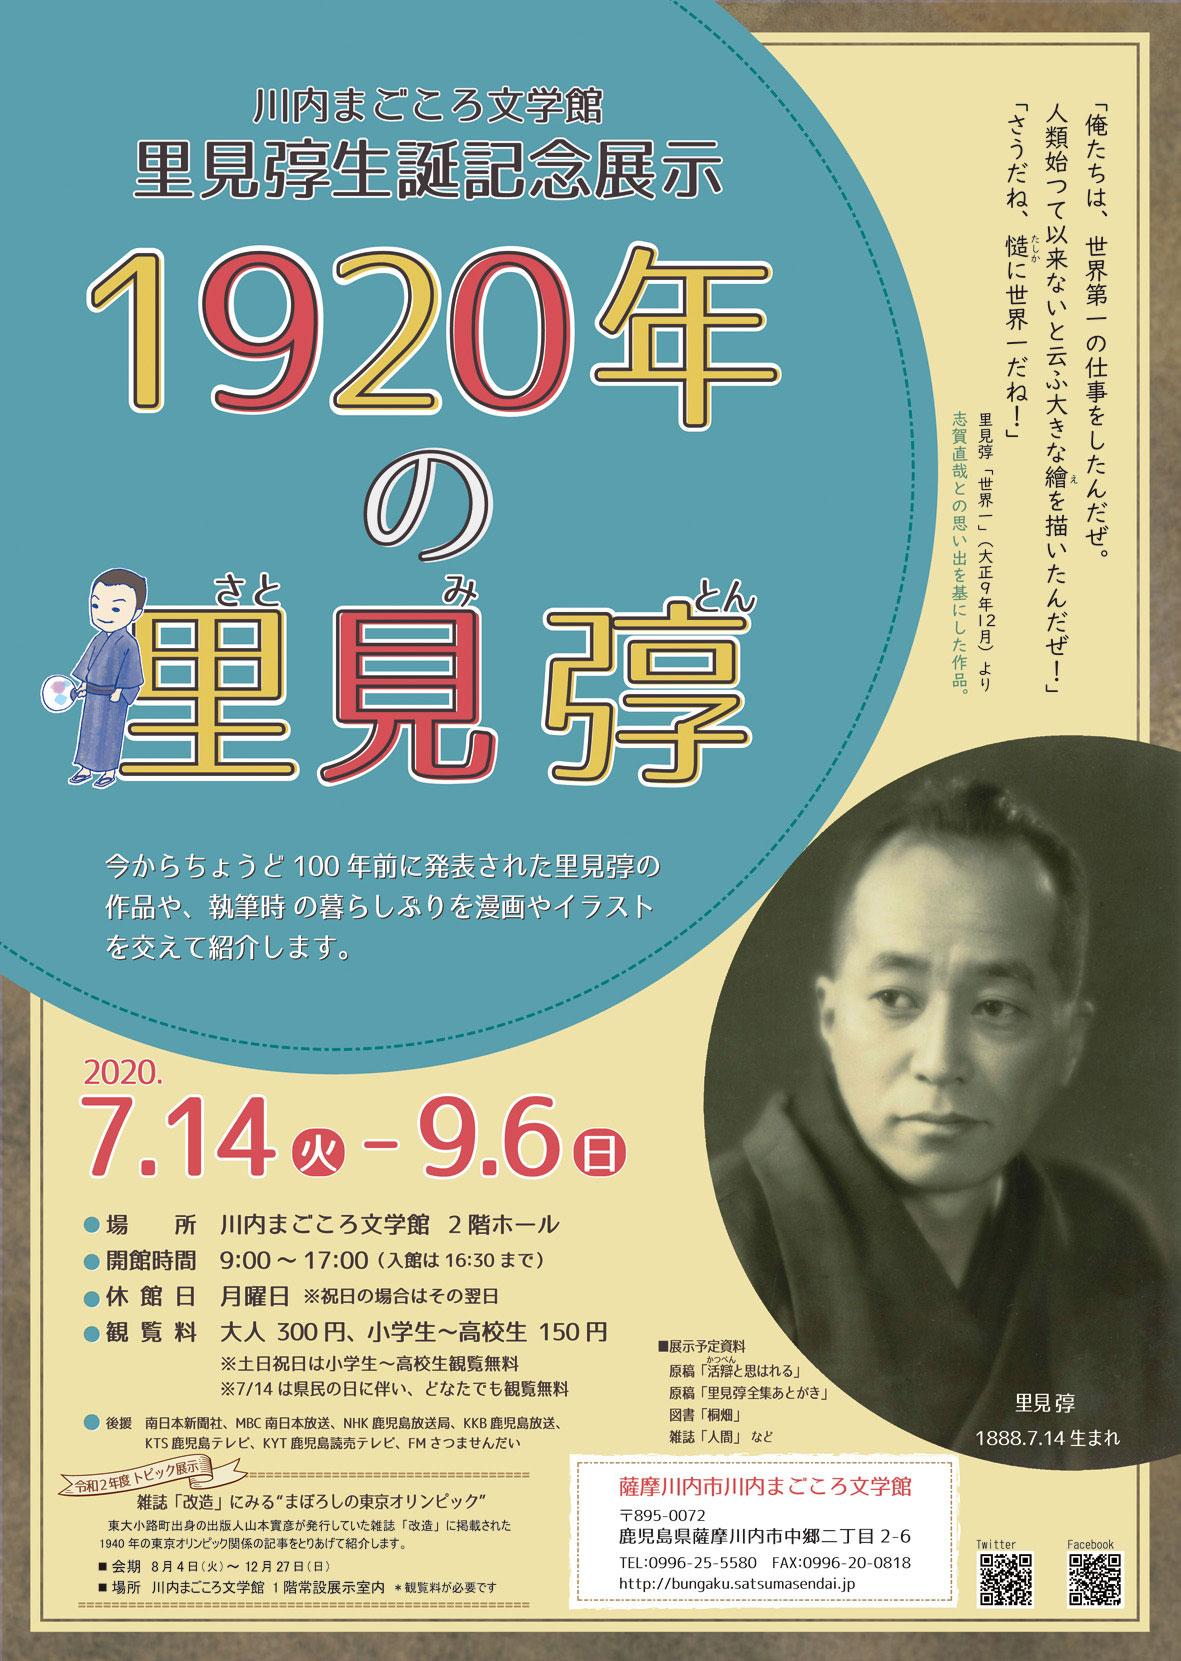 【薩摩川内市/川内まごころ文学館】里見弴生誕記念展示 1920年の里見弴